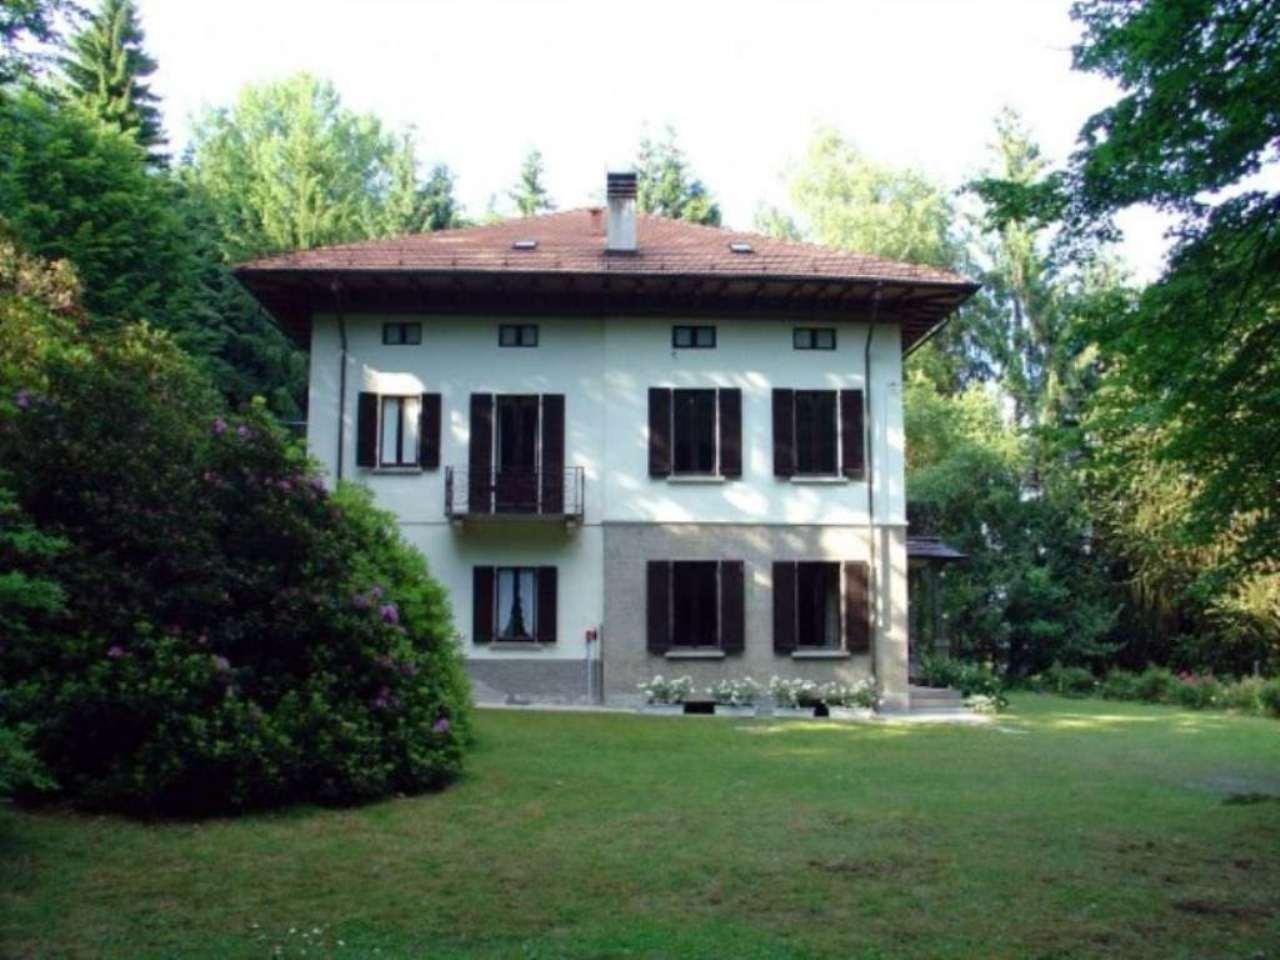 Villa in vendita a Stresa, 10 locali, Trattative riservate | CambioCasa.it